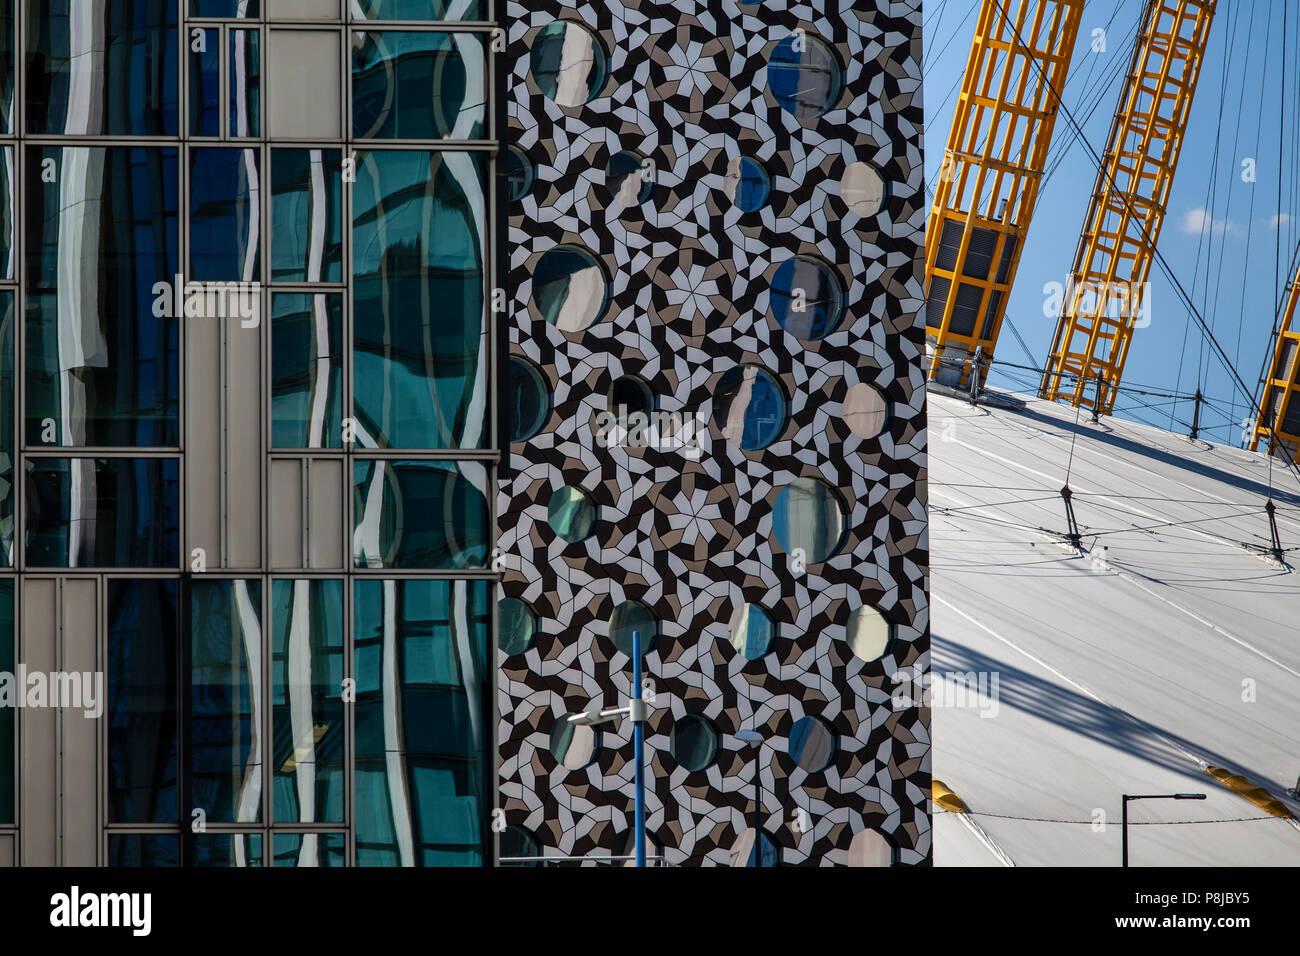 Modern Architecture, Greenwich Peninsula, London, England - Stock Image